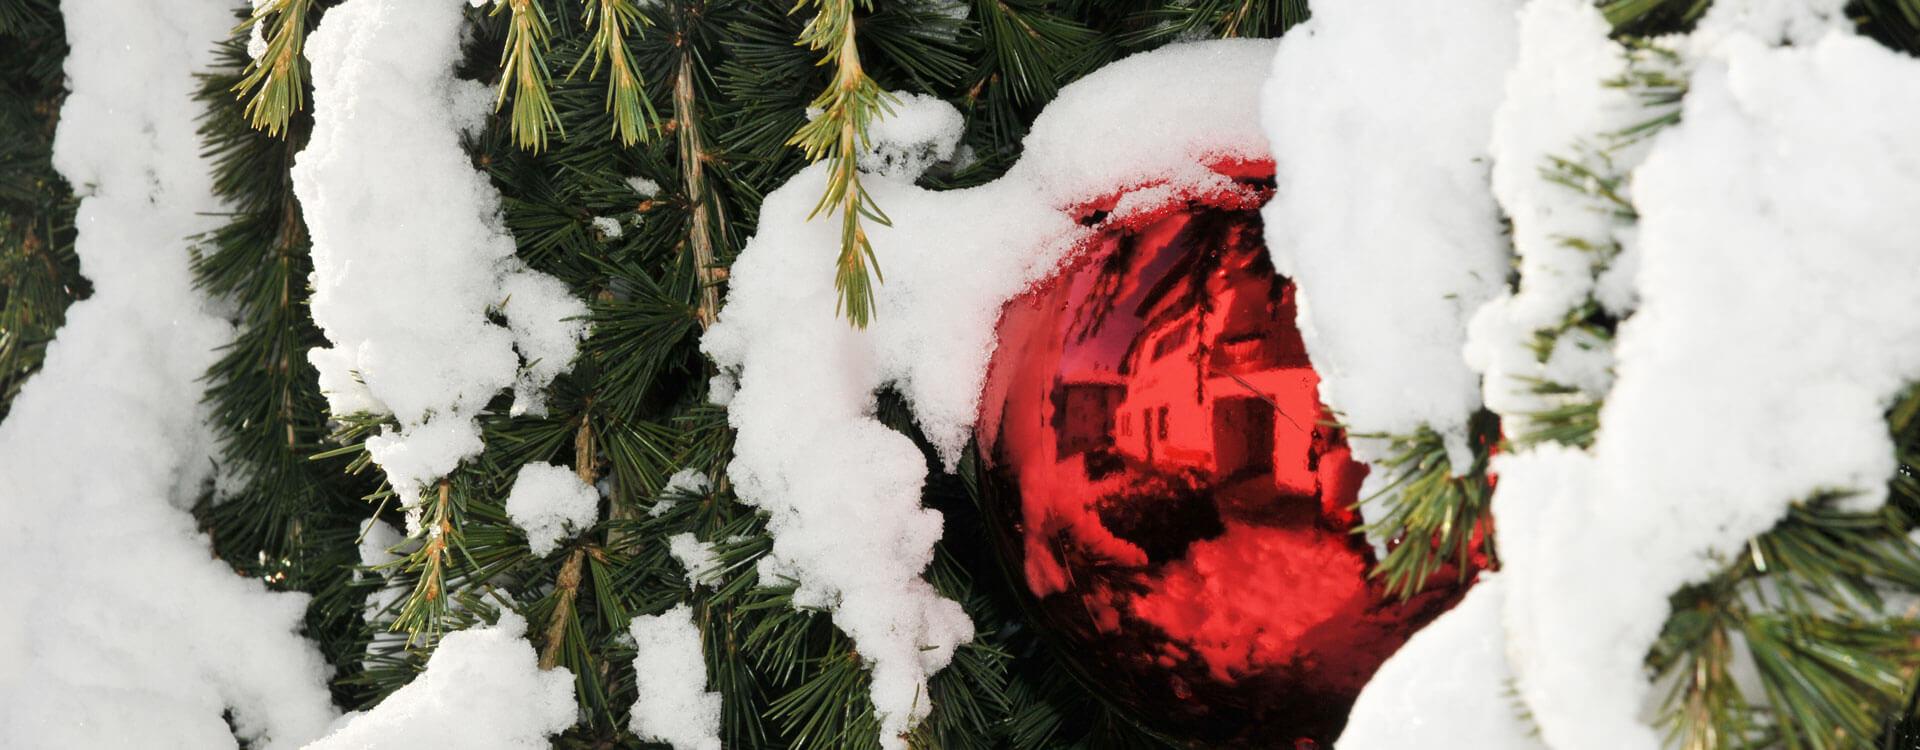 winterurlaub-dolomiten-8